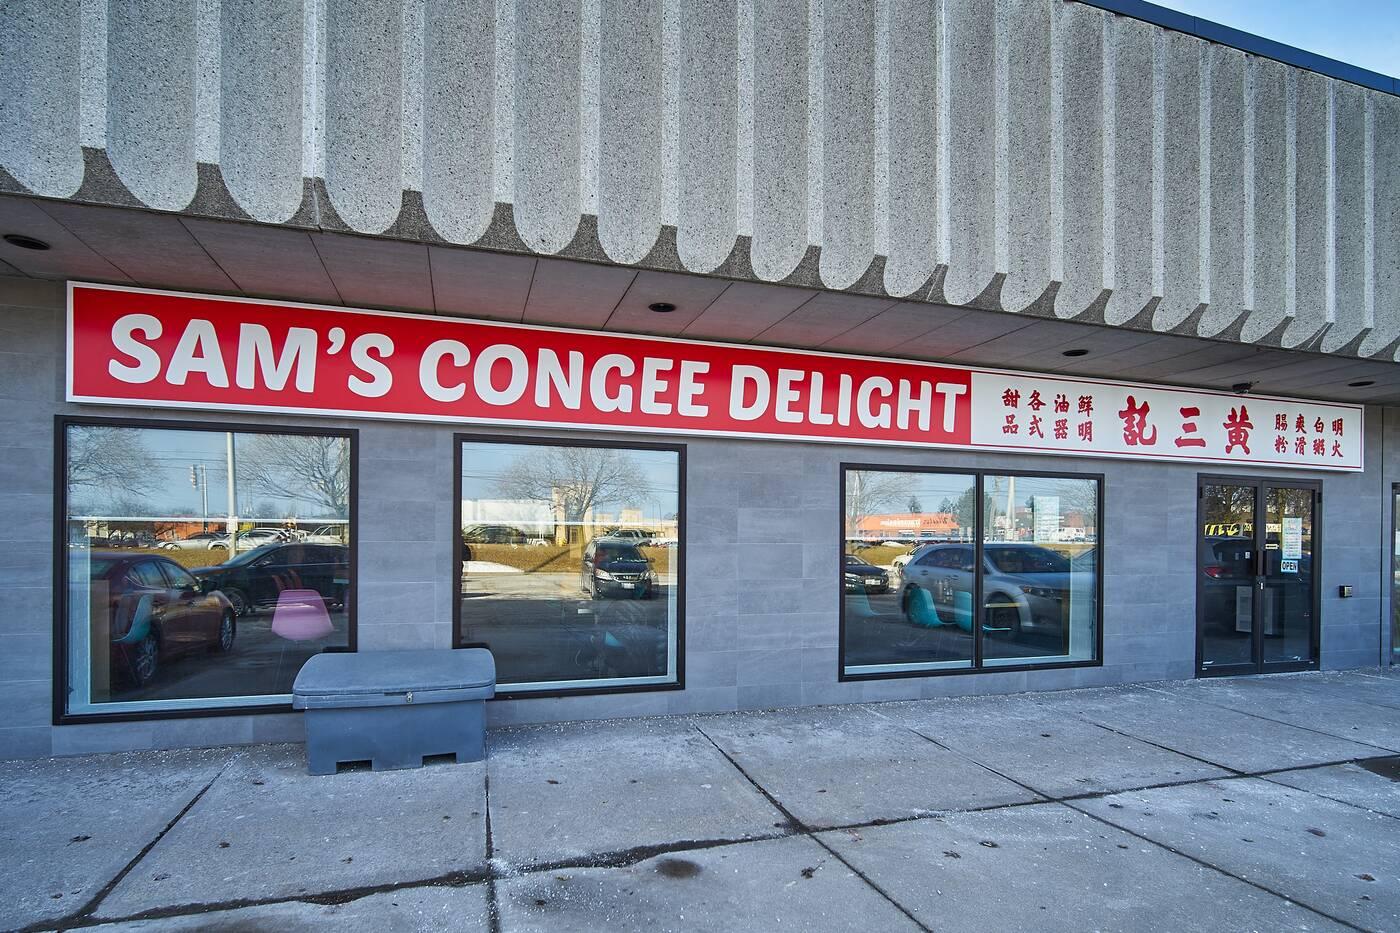 Sam's Congee Delight Toronto